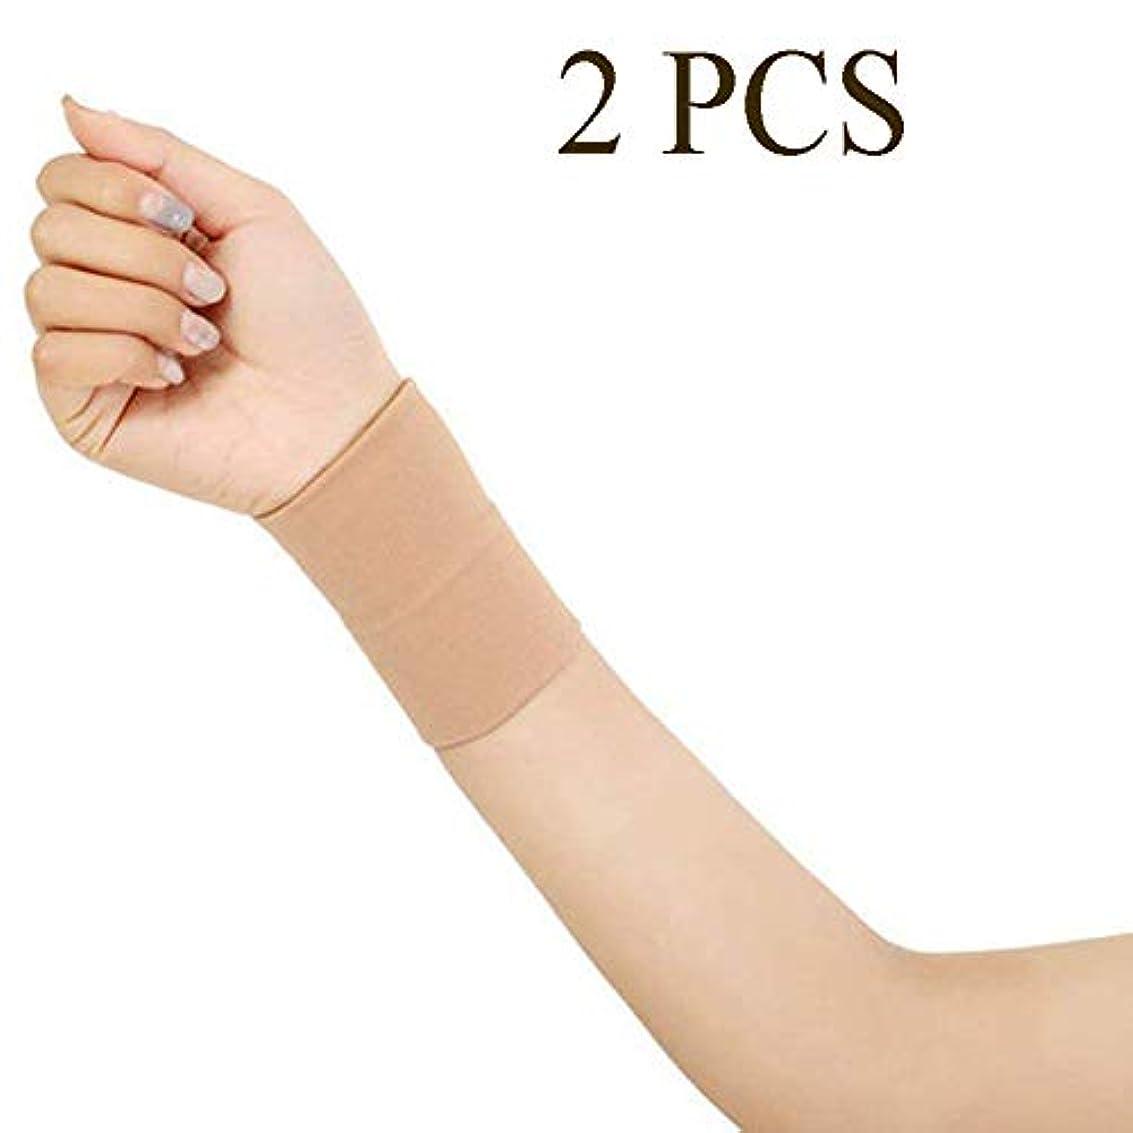 元の不平を言う郡テニスジムスポーツ腱鞘炎関節痛1ペアのための手首のサポート圧縮手首スリーブブレースサポート回復ブレースラップスリーブユニセックス,XL